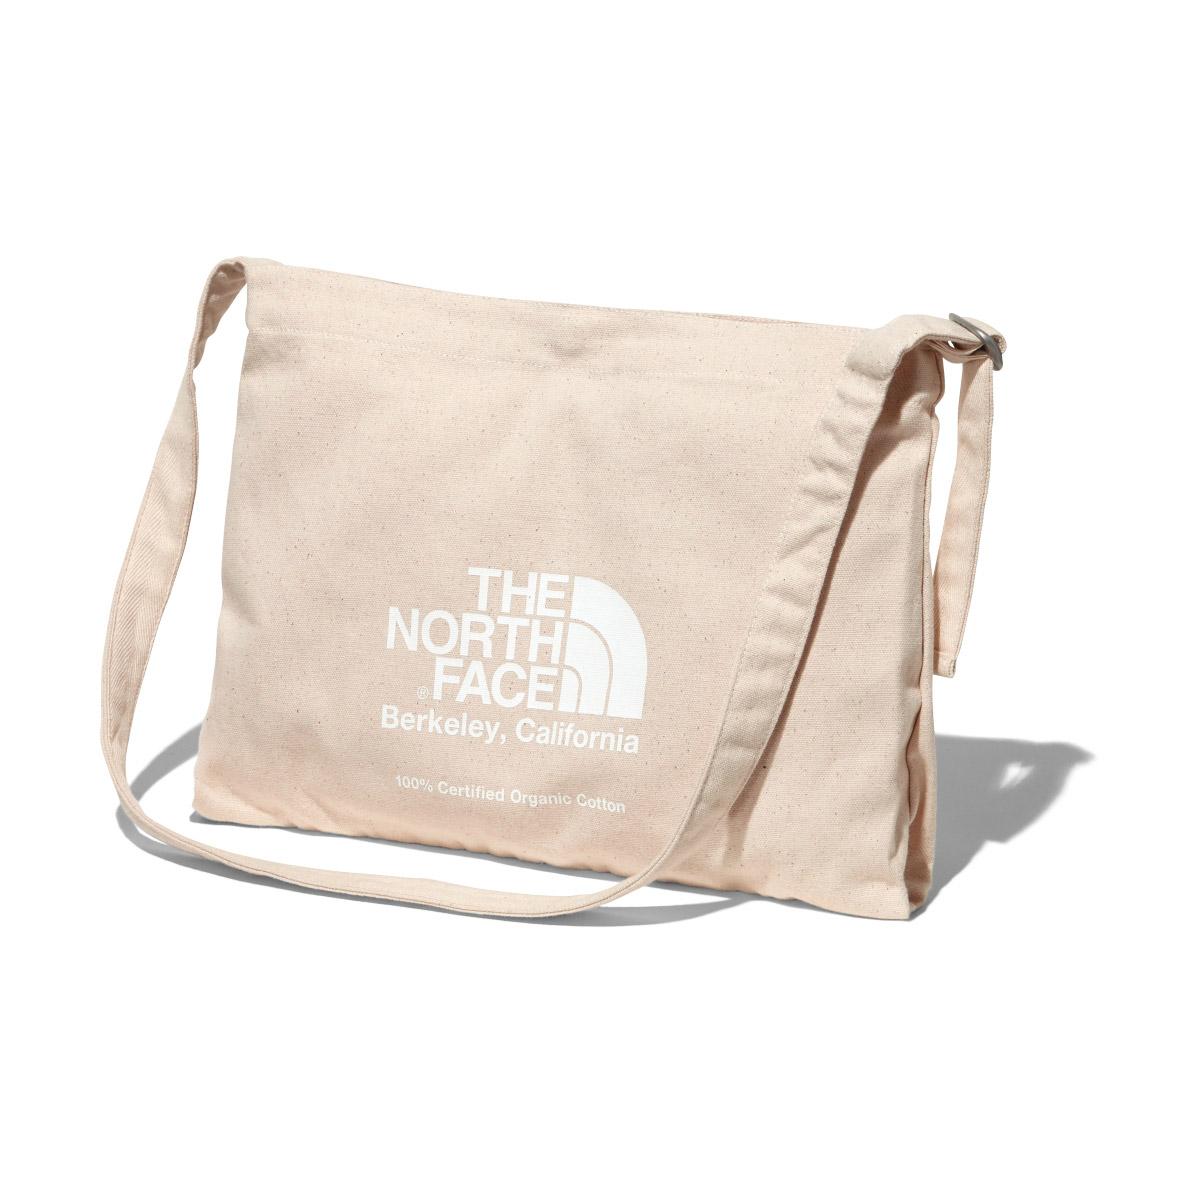 【お取り寄せ商品】【THE NORTH FACE 2020.SS】 THE NORTH FACE MUSETTE BAG(NATURAL/WHITE)(ザ・ノース・フェイス ミュゼットバッグ)【メンズ】【レディース】【トートバッグ】【20SS-I】